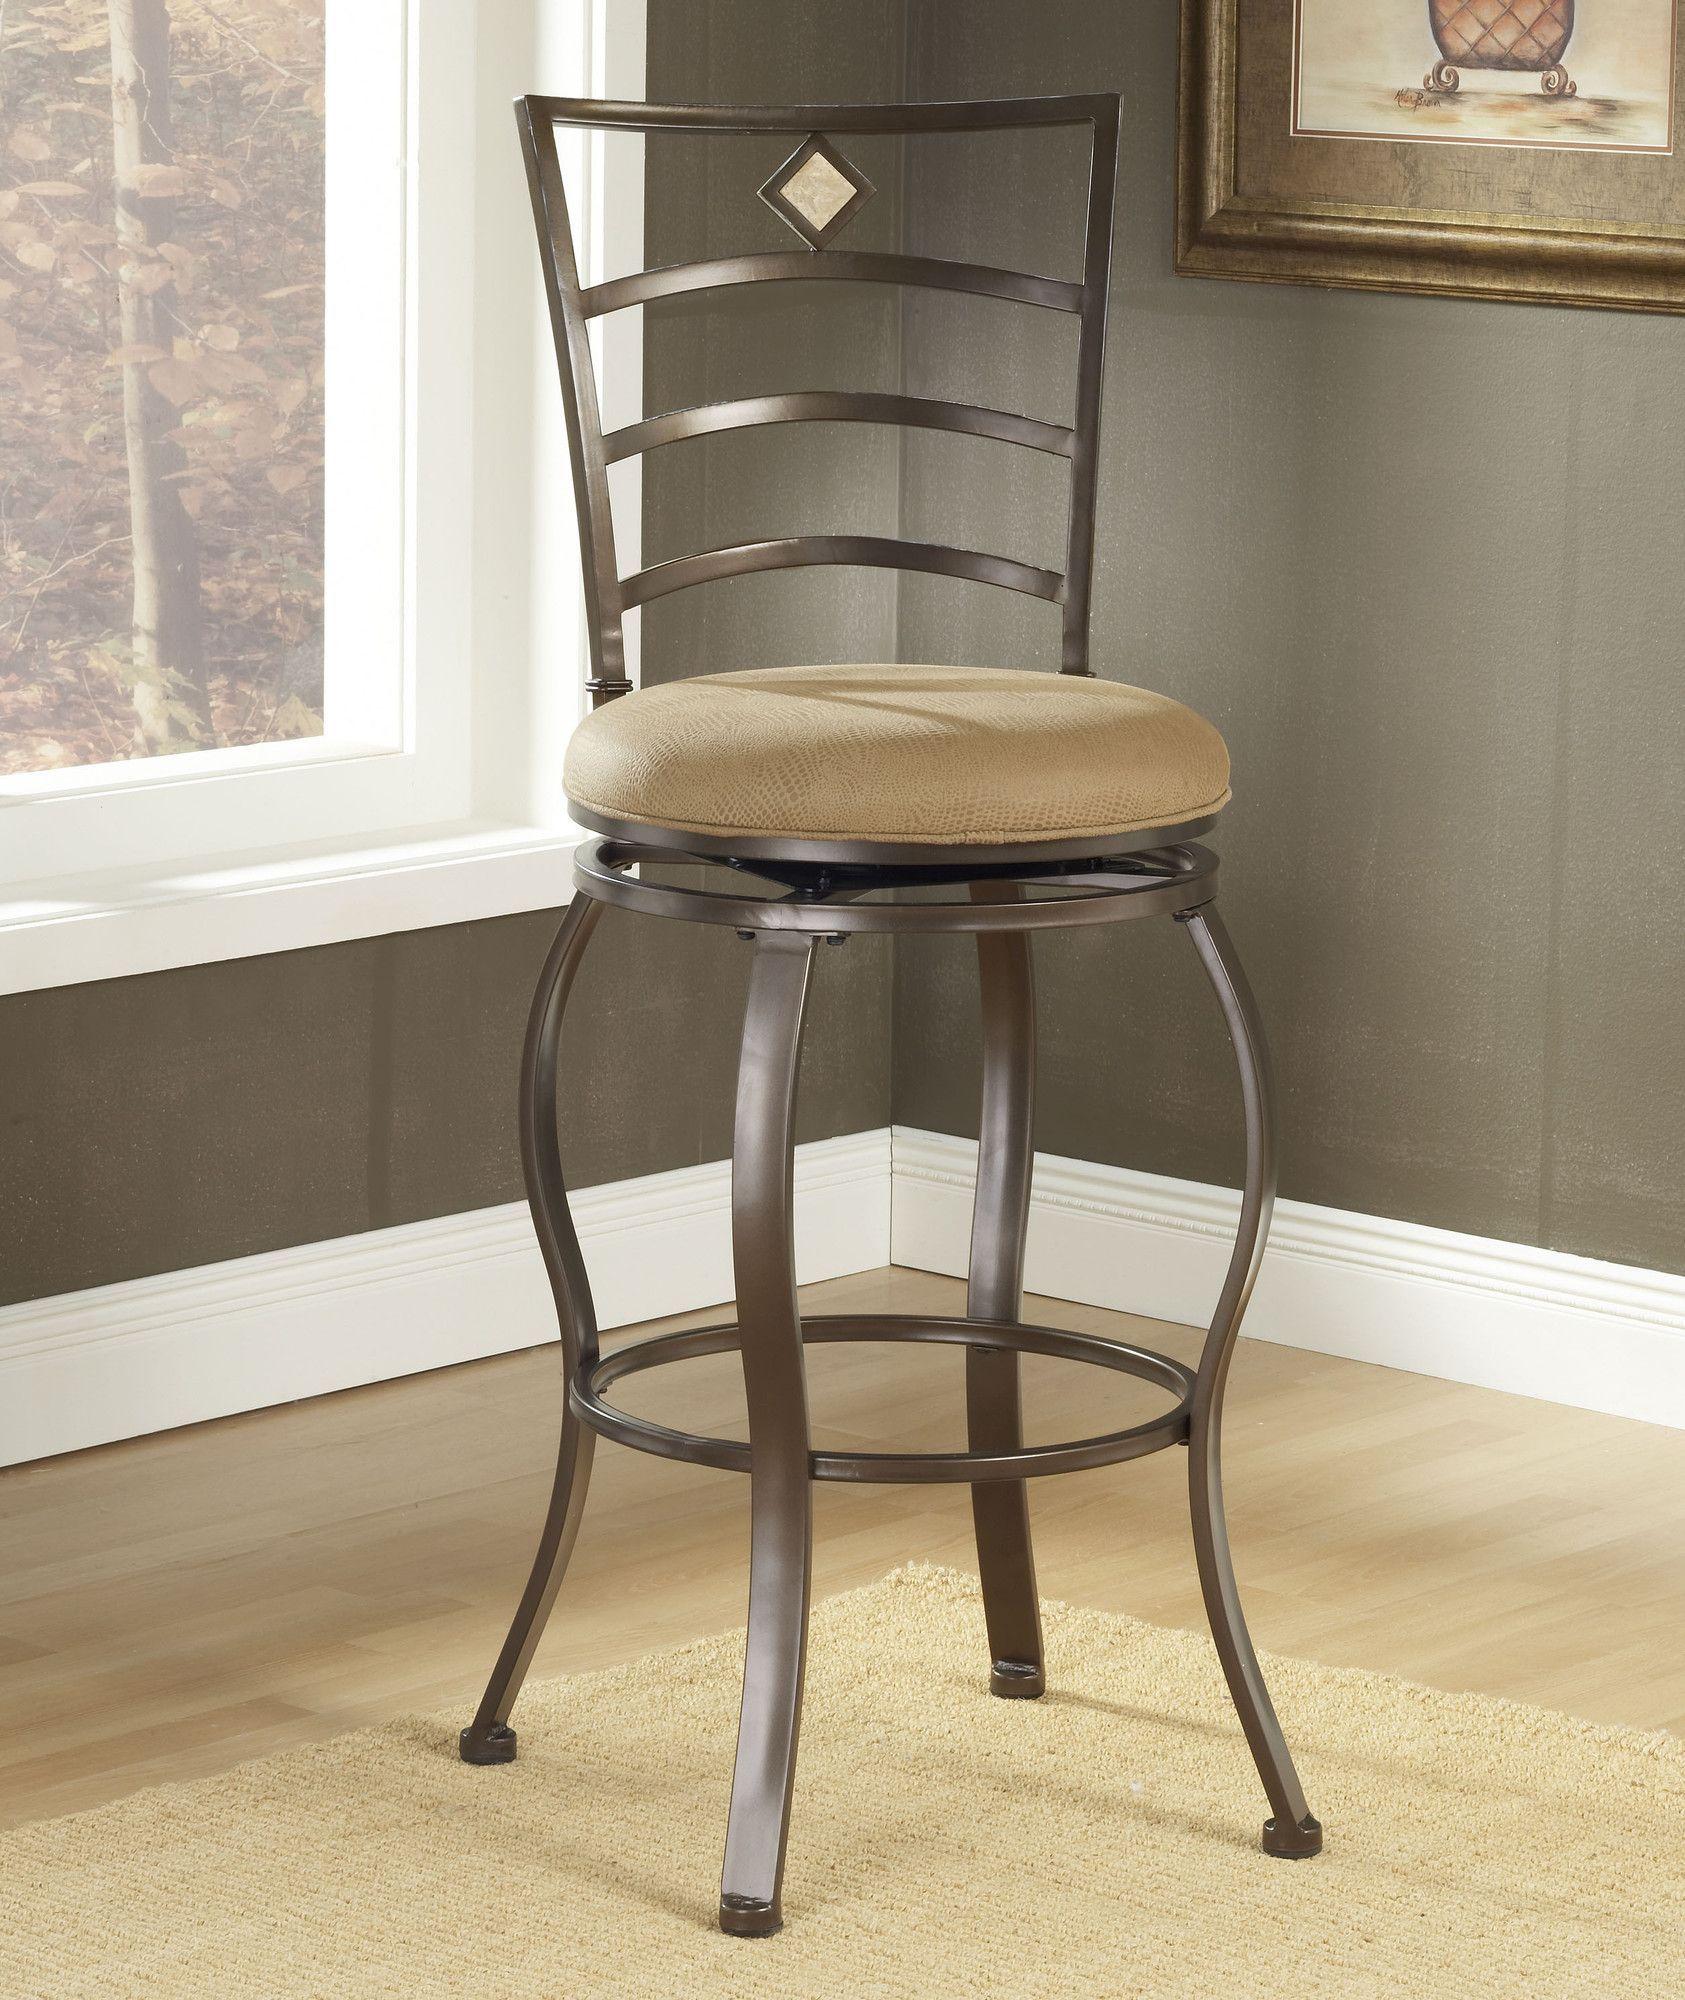 Boundary bay 24 swivel bar stool with cushion